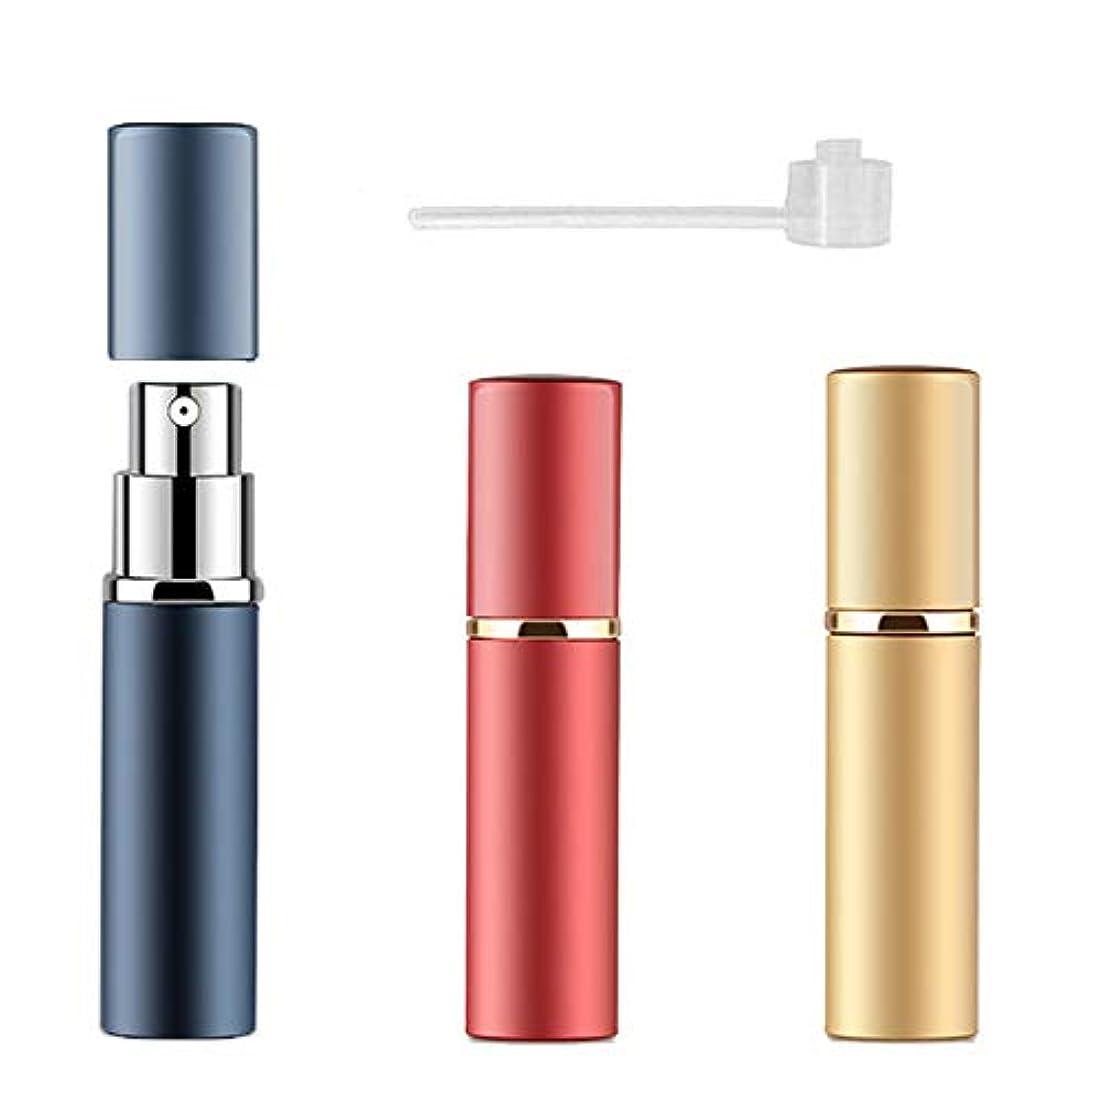 連邦ゆるく旅客アトマイザ 香水 詰め替え容器 スプレーボトル 小分けボトル トラベルボトル 旅行携帯便利 (3色セット)